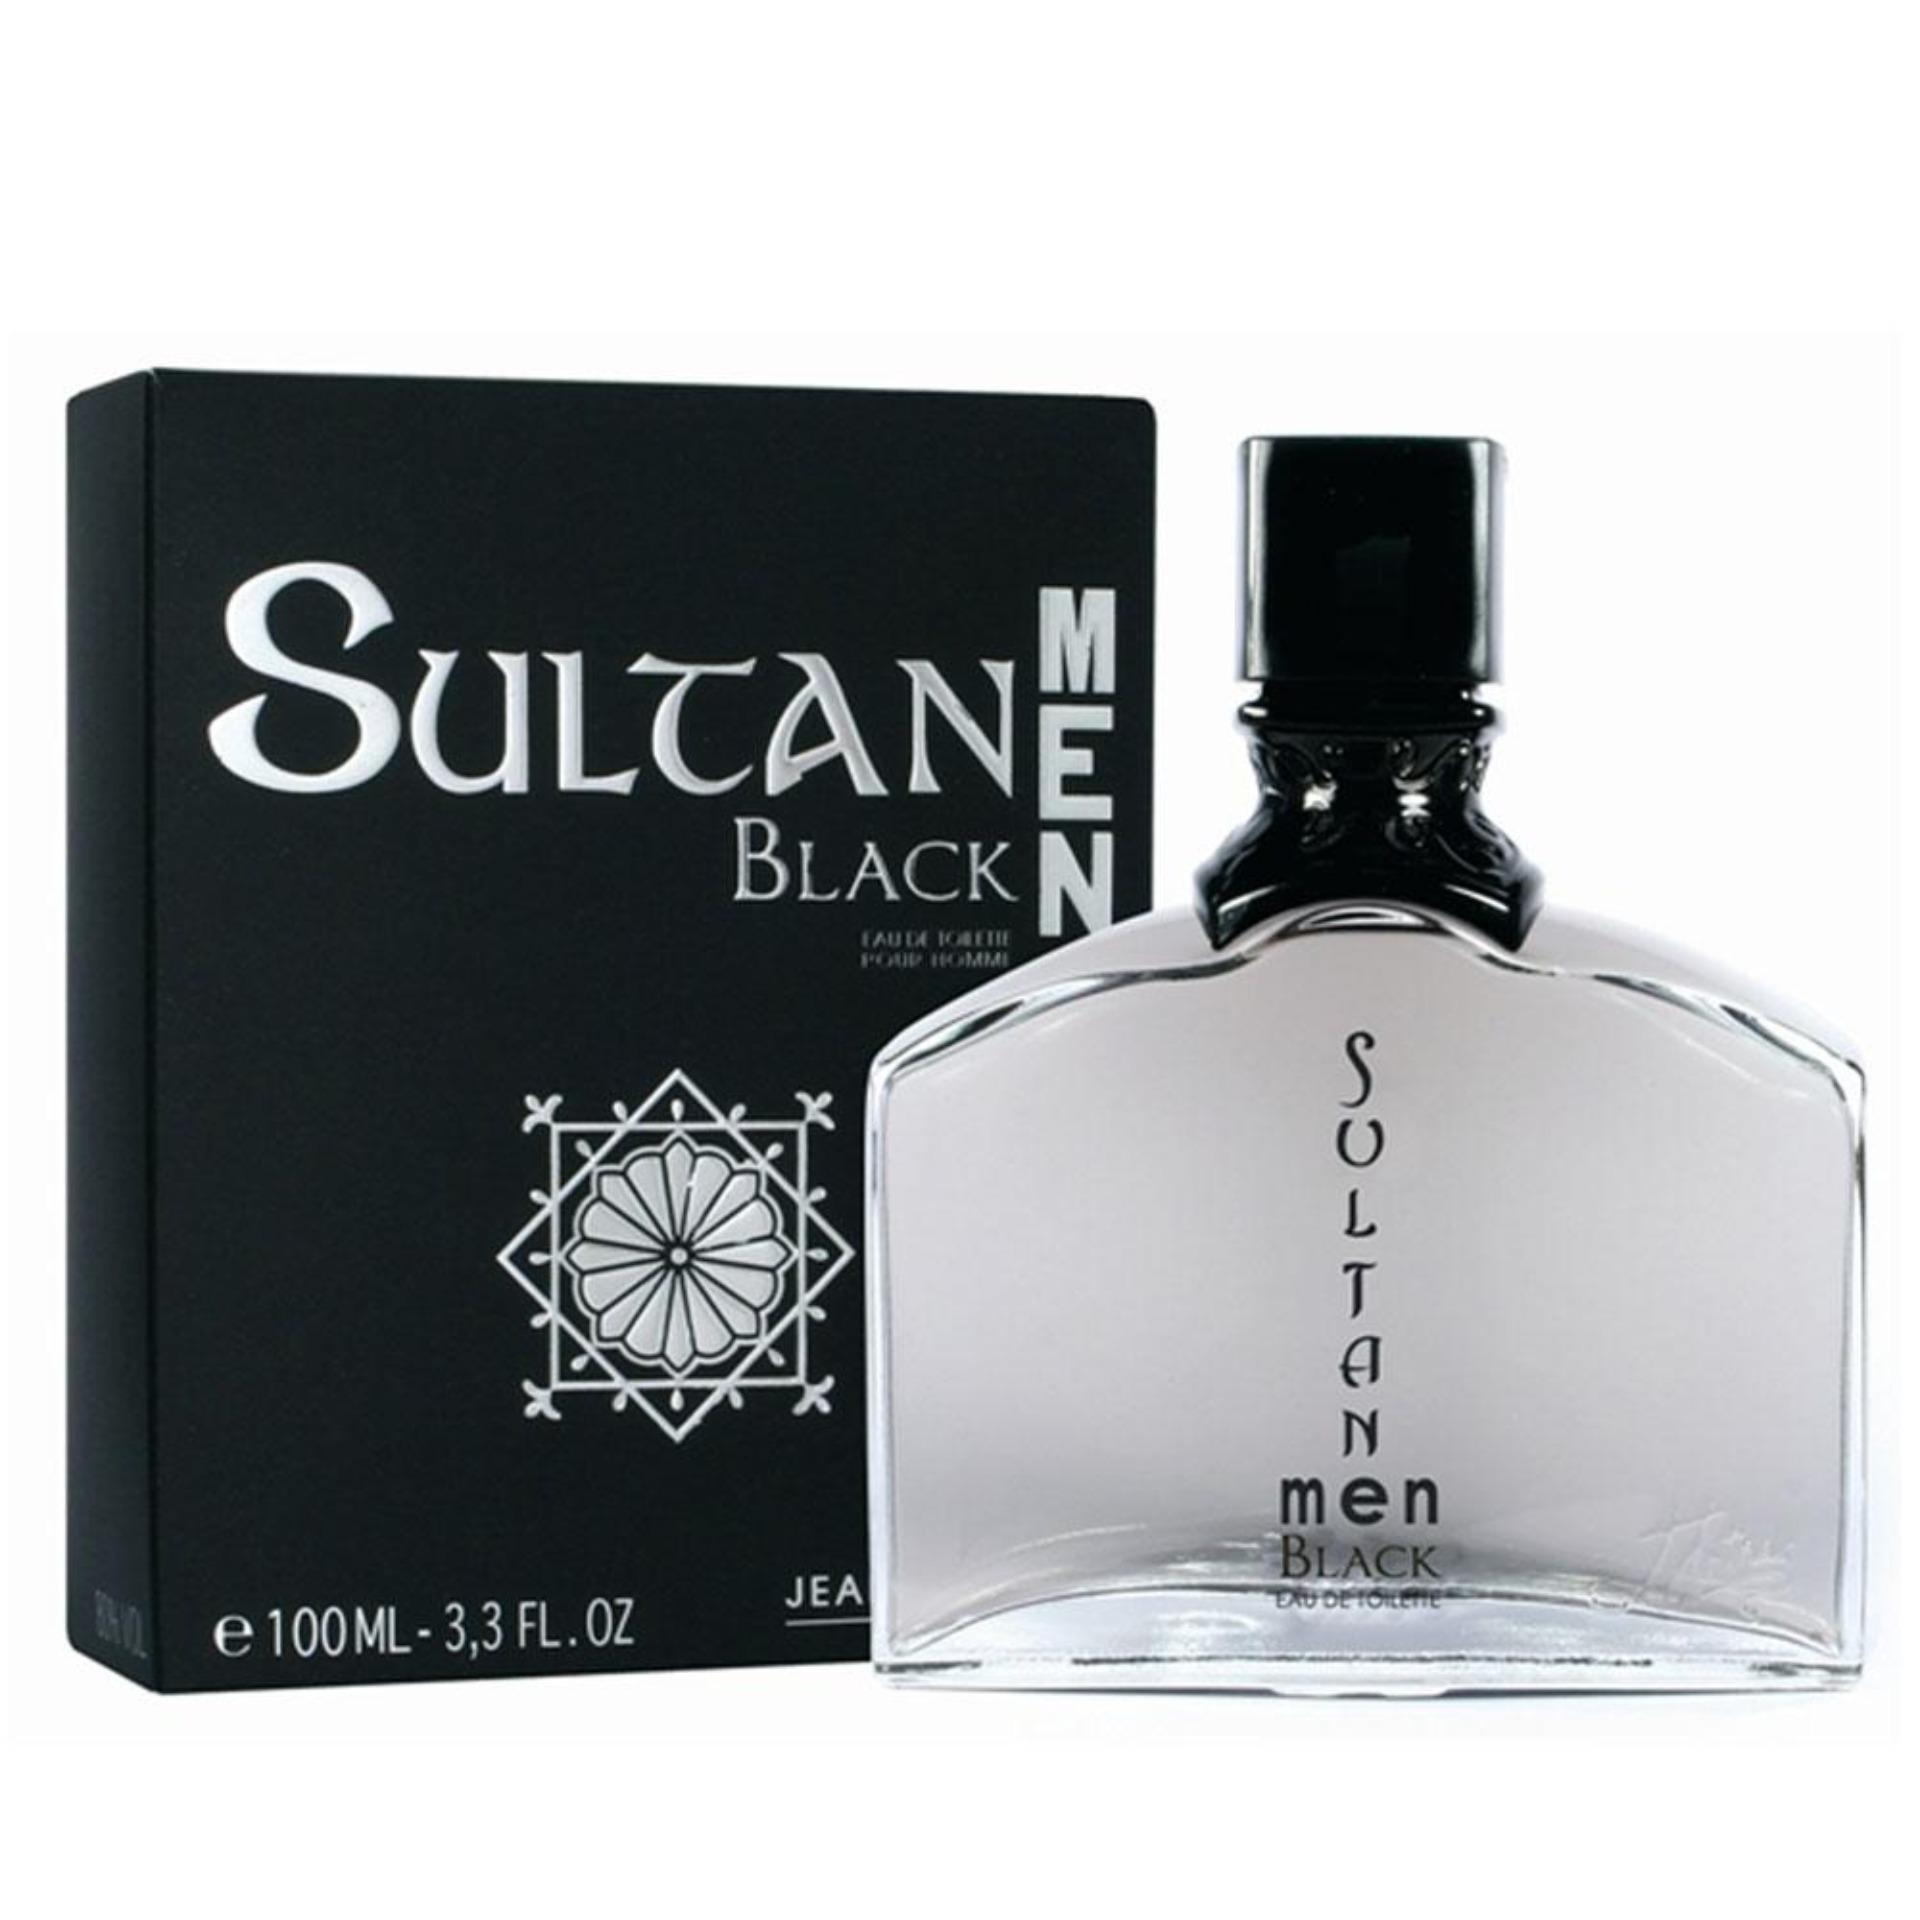 78c1e12488d3c391e214fc0aa82c396f Koleksi List Harga Parfum Sultan Teranyar bulan ini